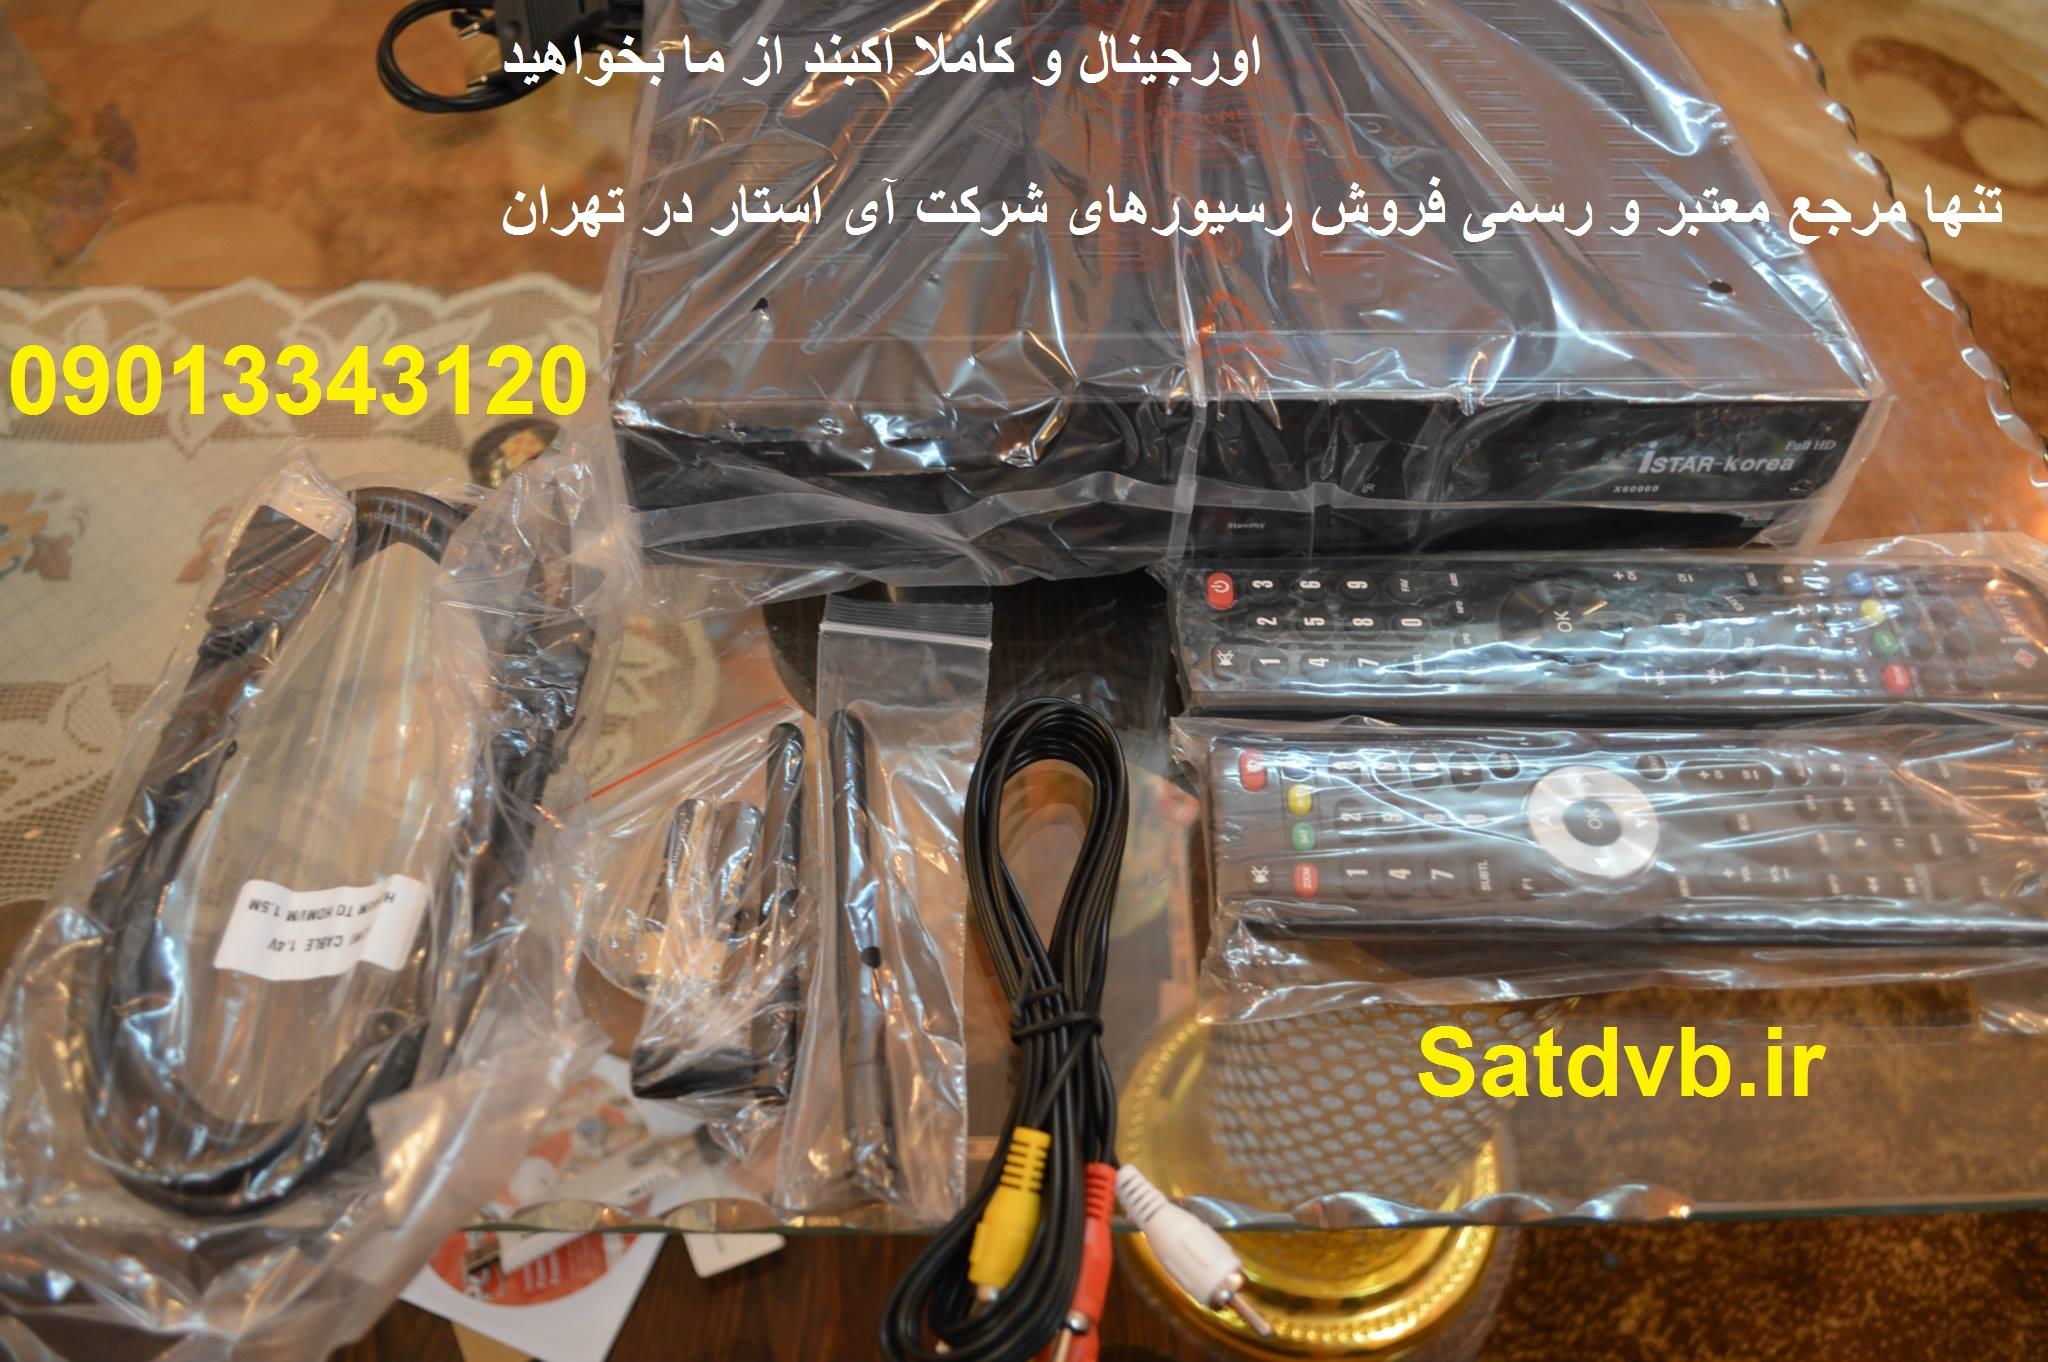 http://s6.picofile.com/file/8251820192/1403359_693119837364899_705267126_o.jpg